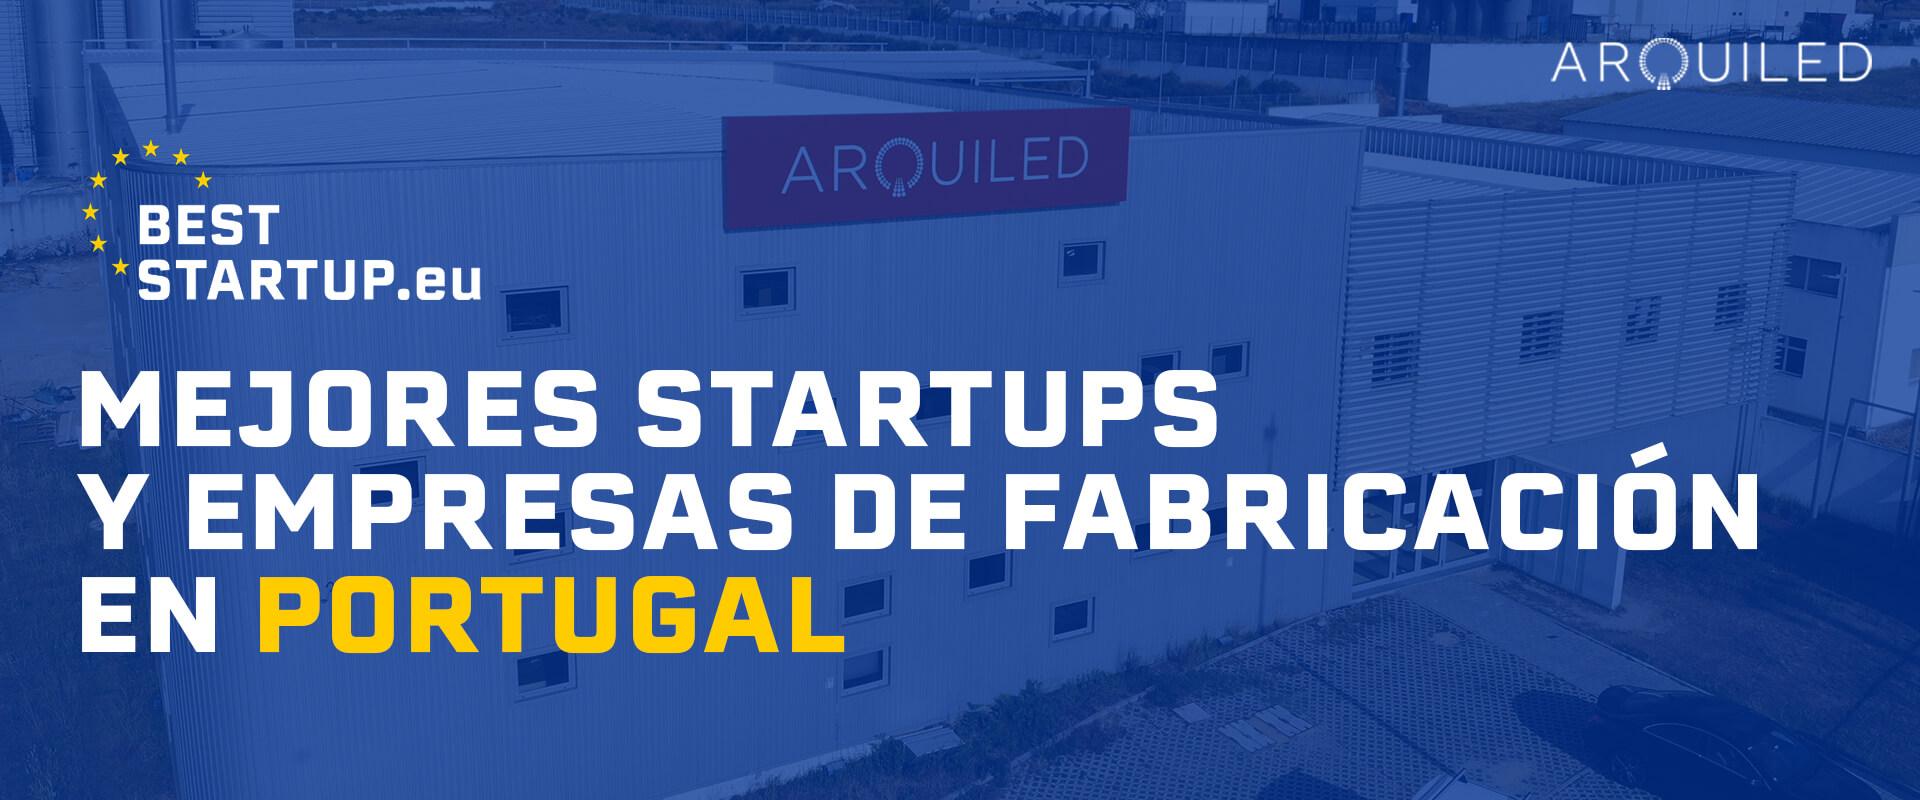 Arquiled - Nomeação Melhores Fabricantes e Startups